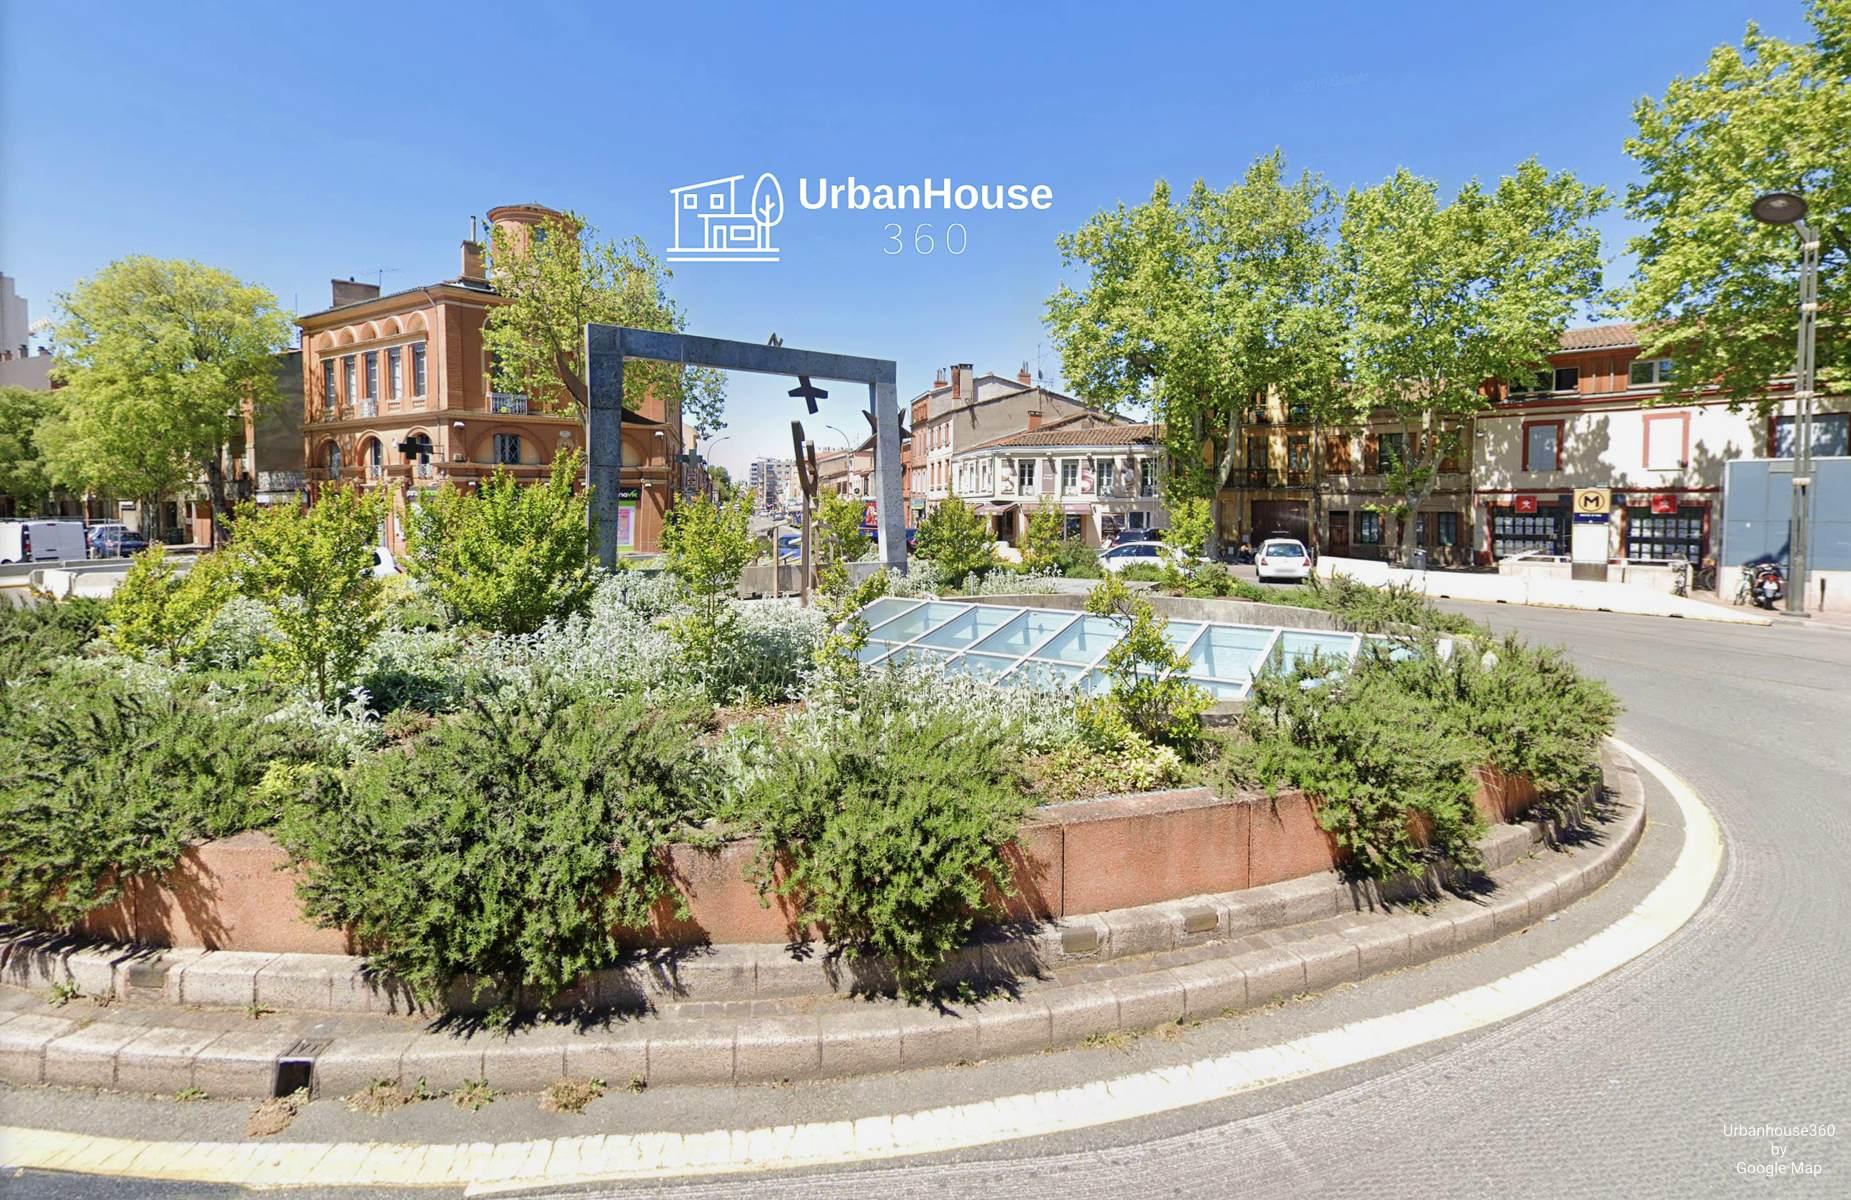 Urbanhouse360-Patte-d-oie-Toulouse